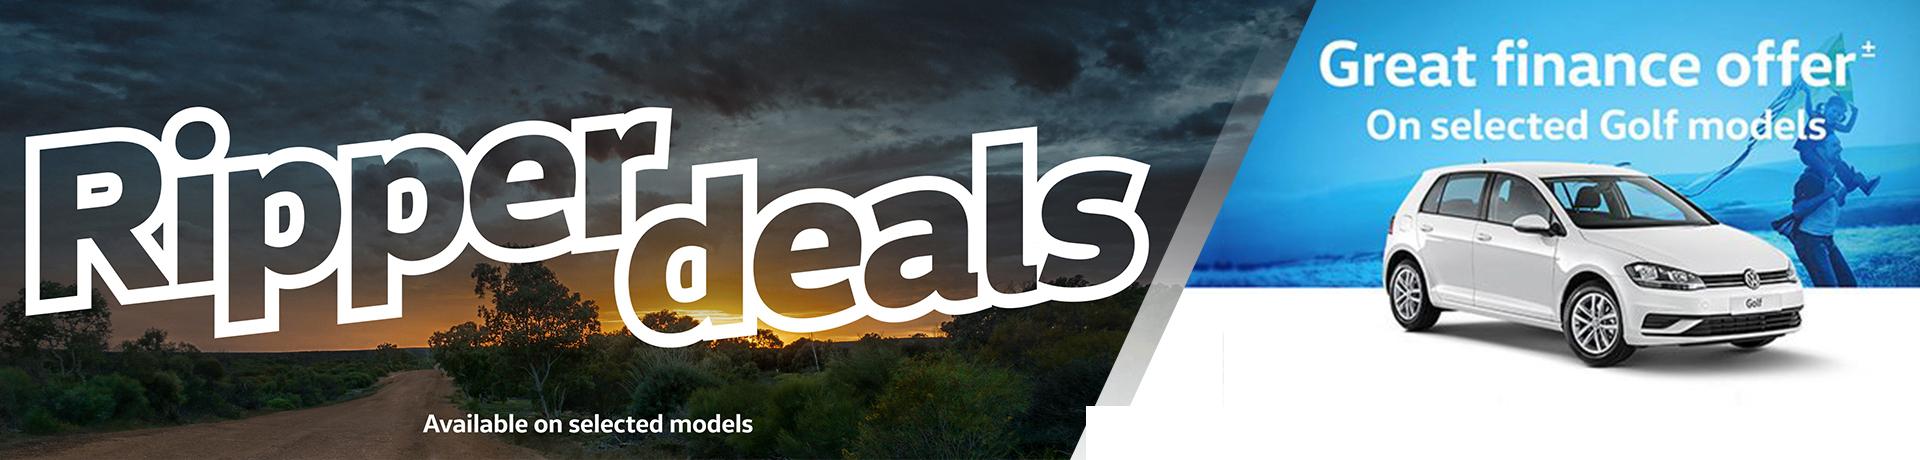 Ripper Deals | Great Finance Offer